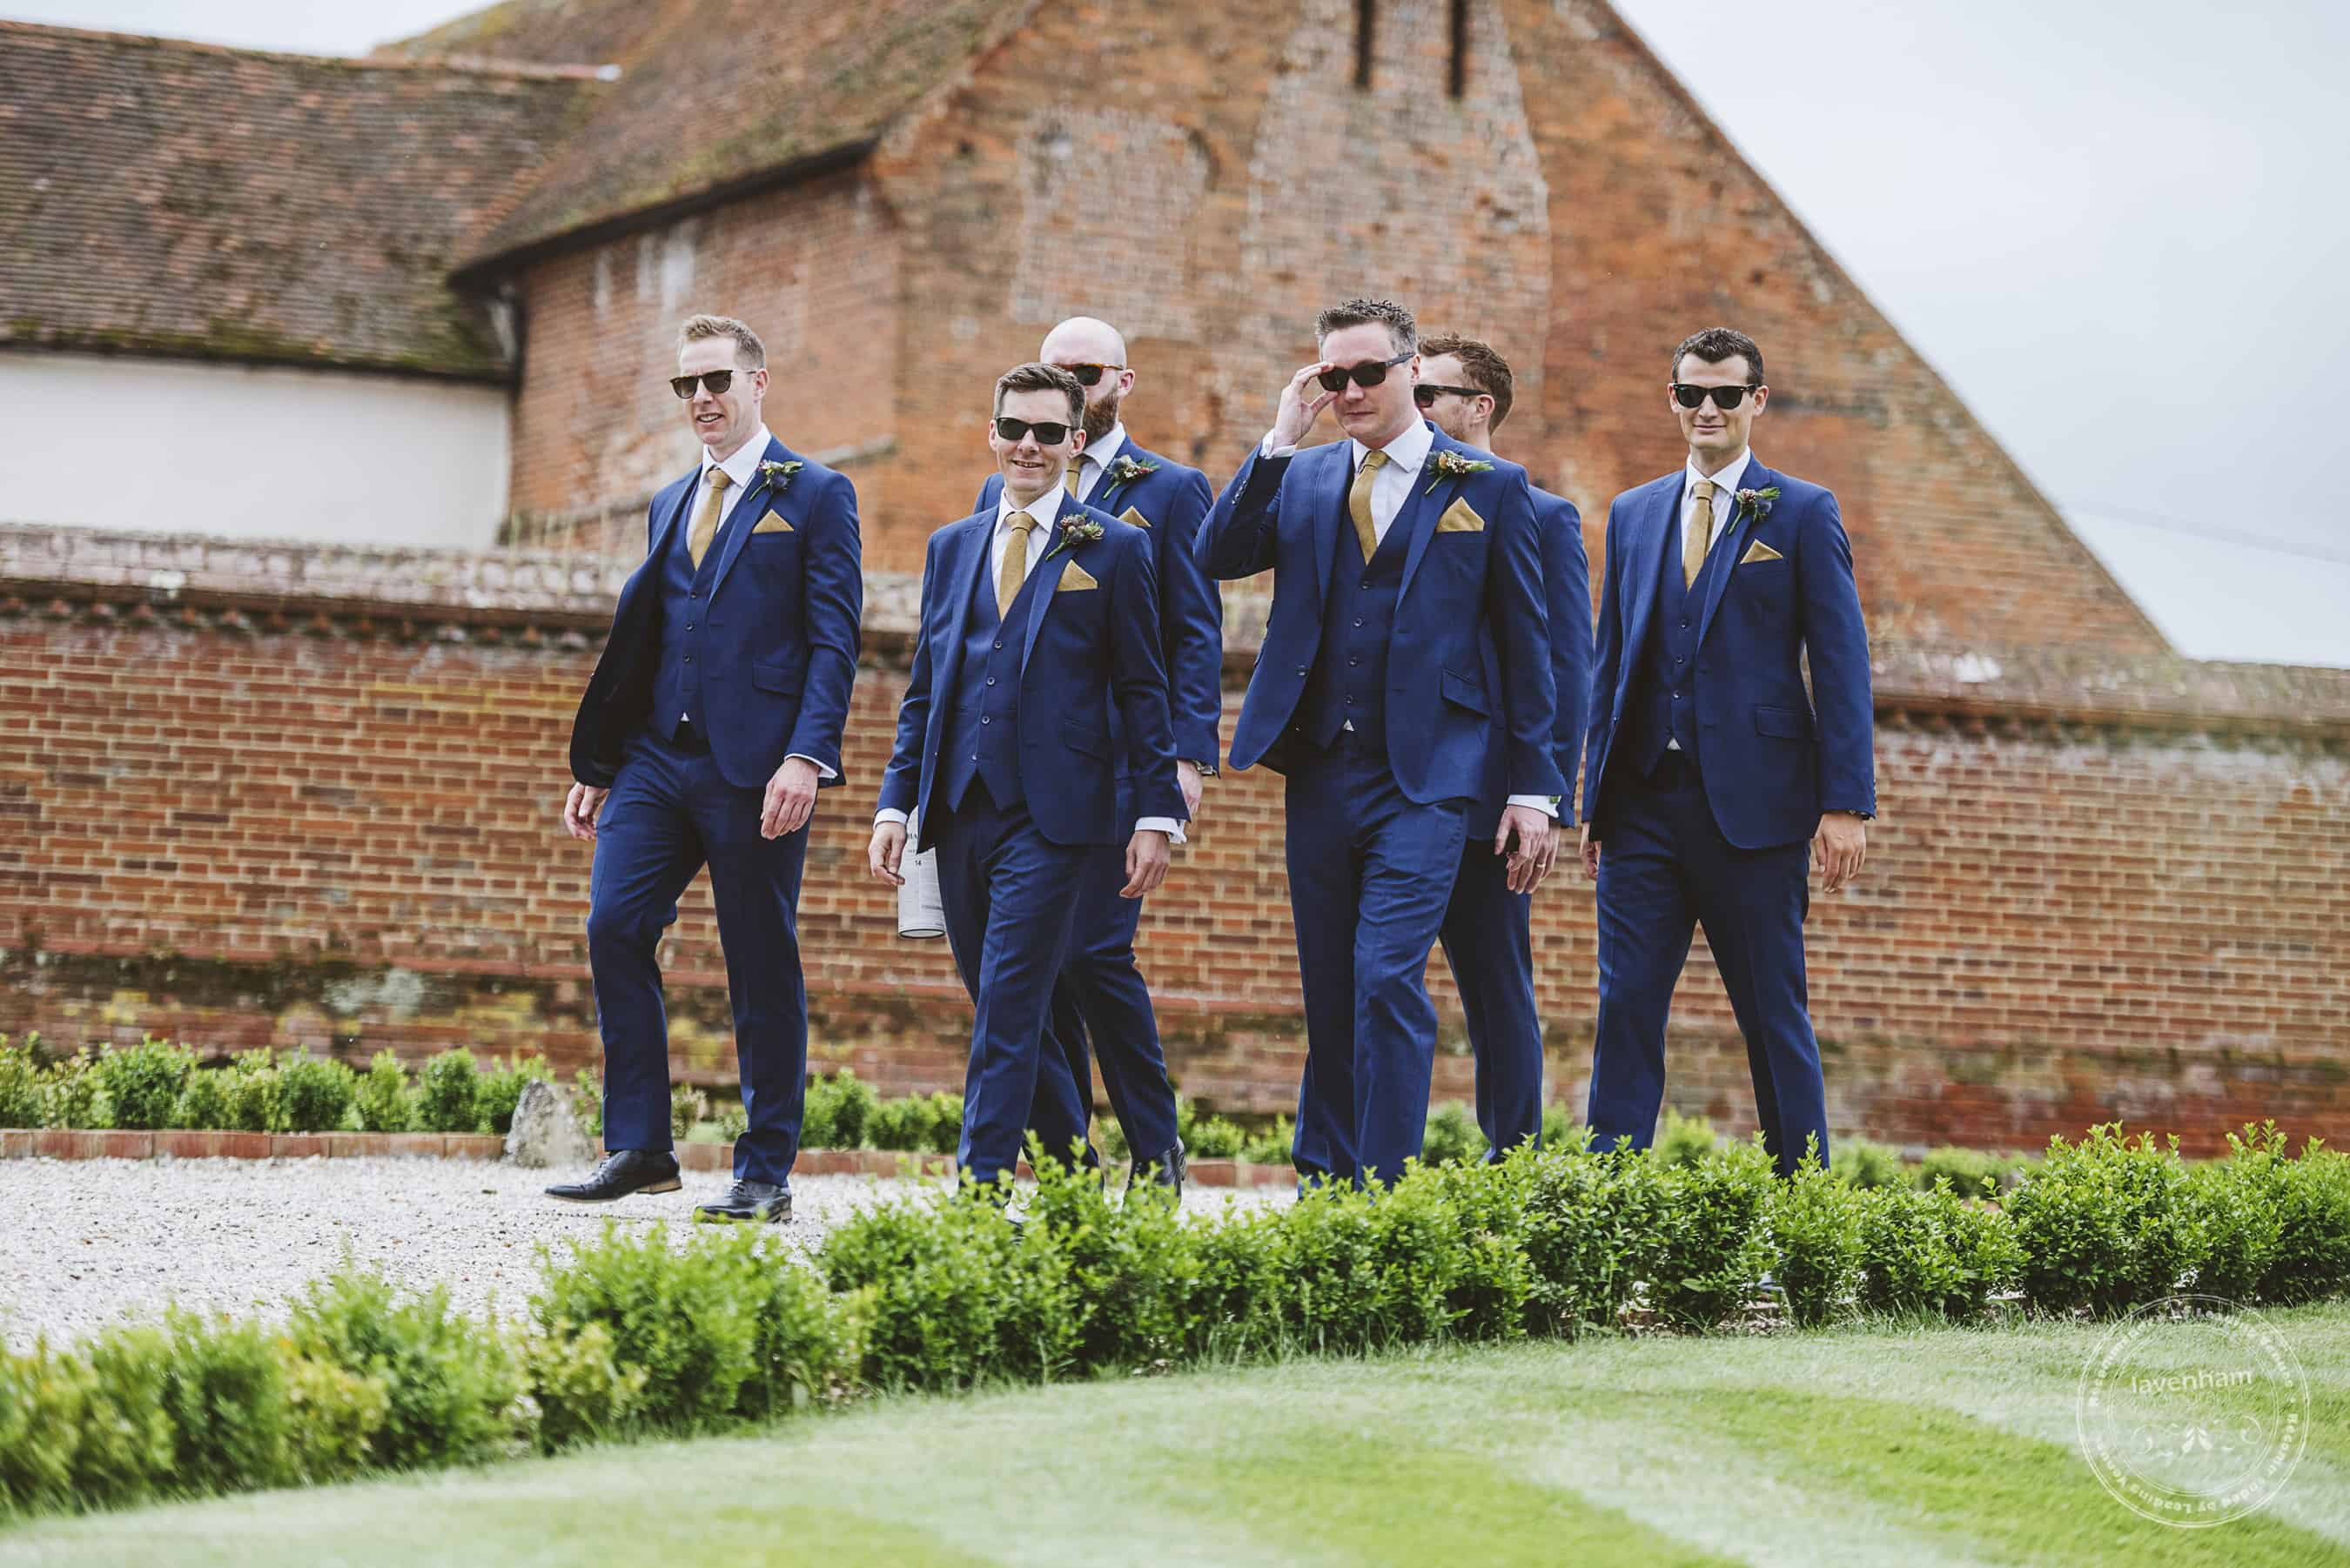 020618 Leez Priory Wedding Photography Lavenham Photographic 013